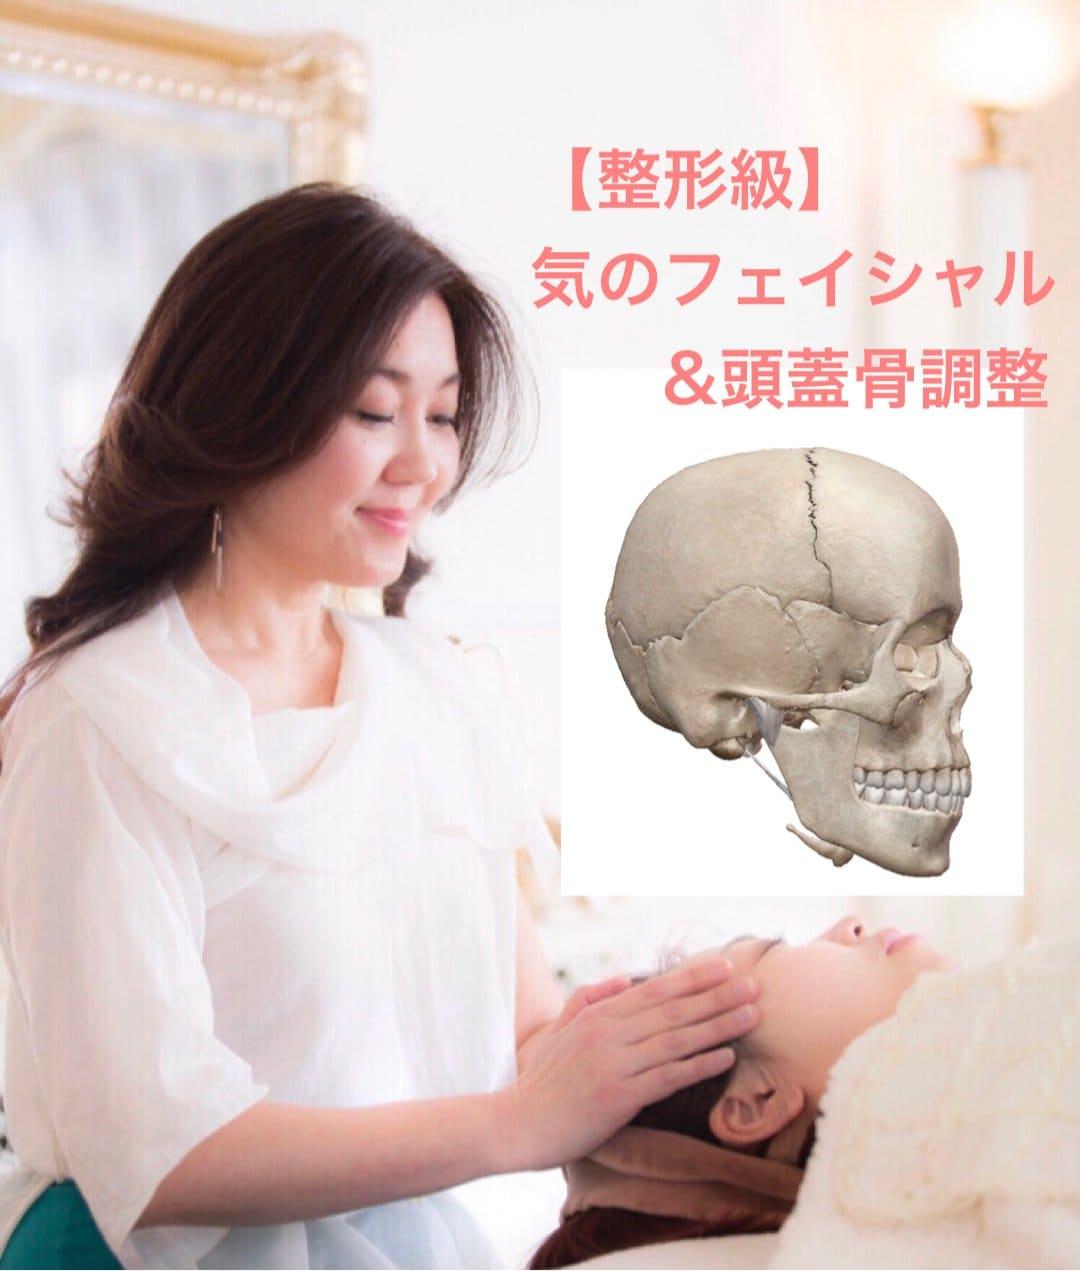 小顔と頭蓋骨調整ケア40分 桜サローネ名古屋 碧南のイメージその1